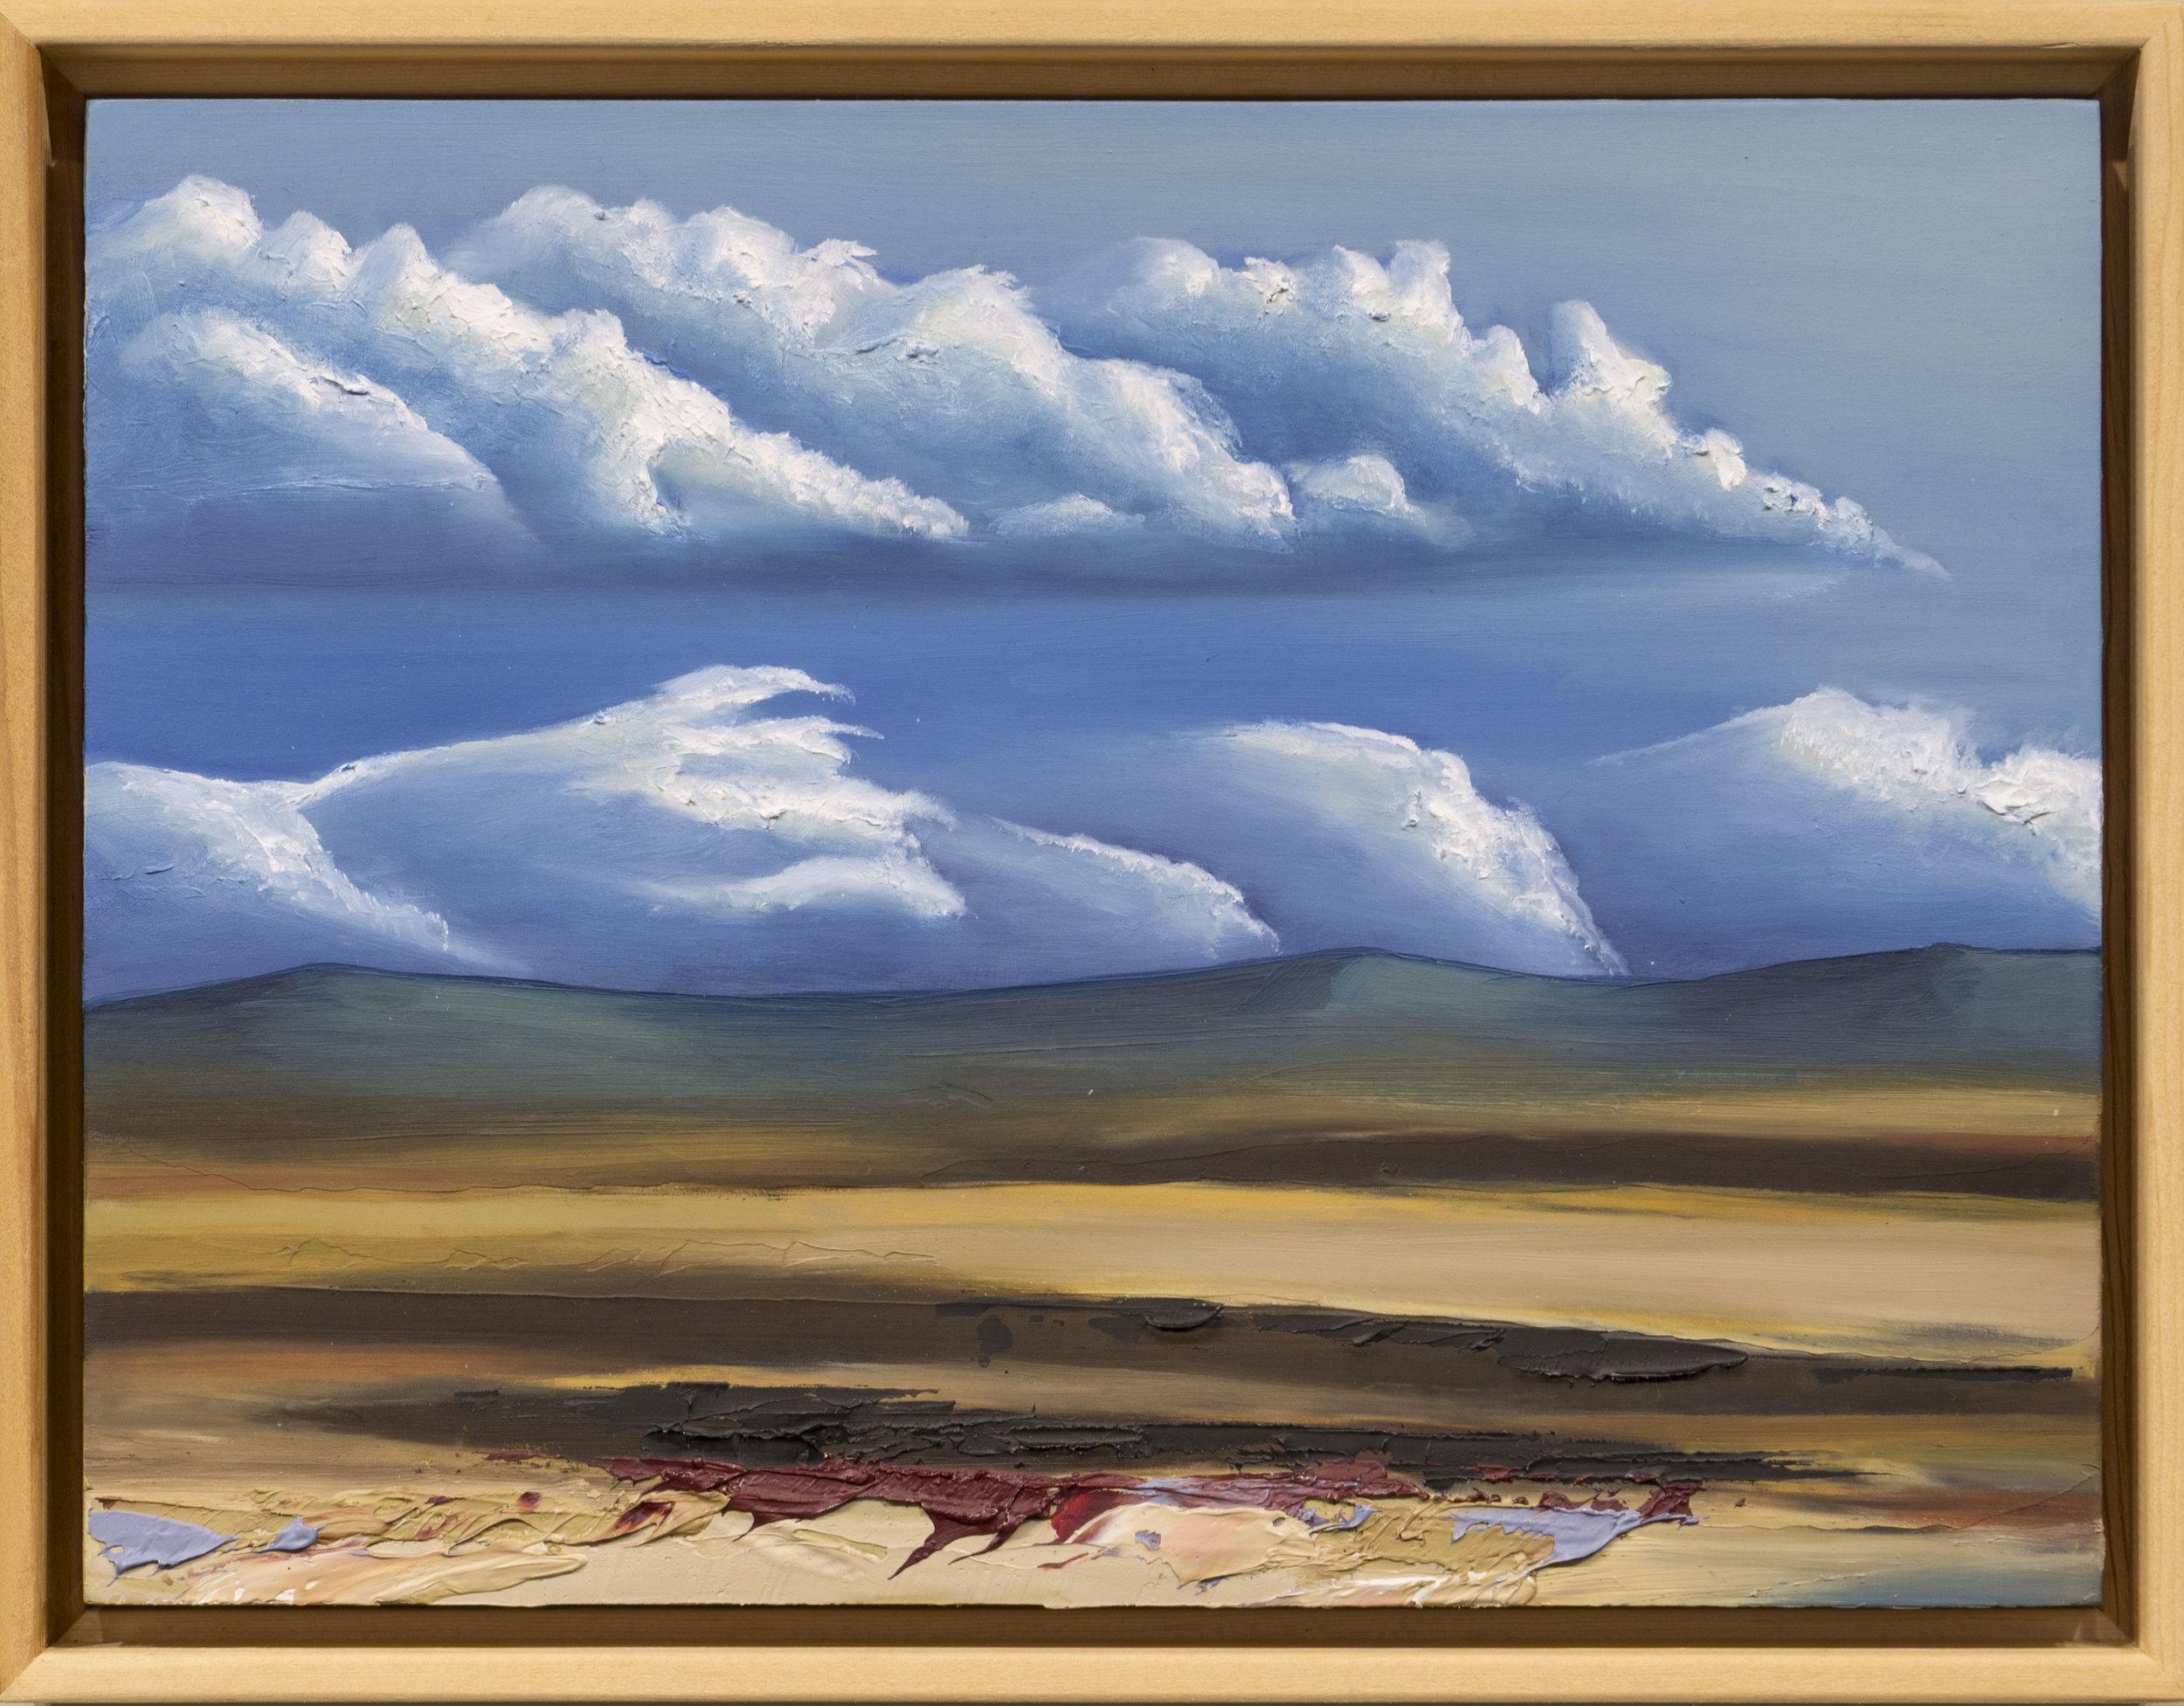 Osbourn_Cloud Burst Over Kansas.jpg